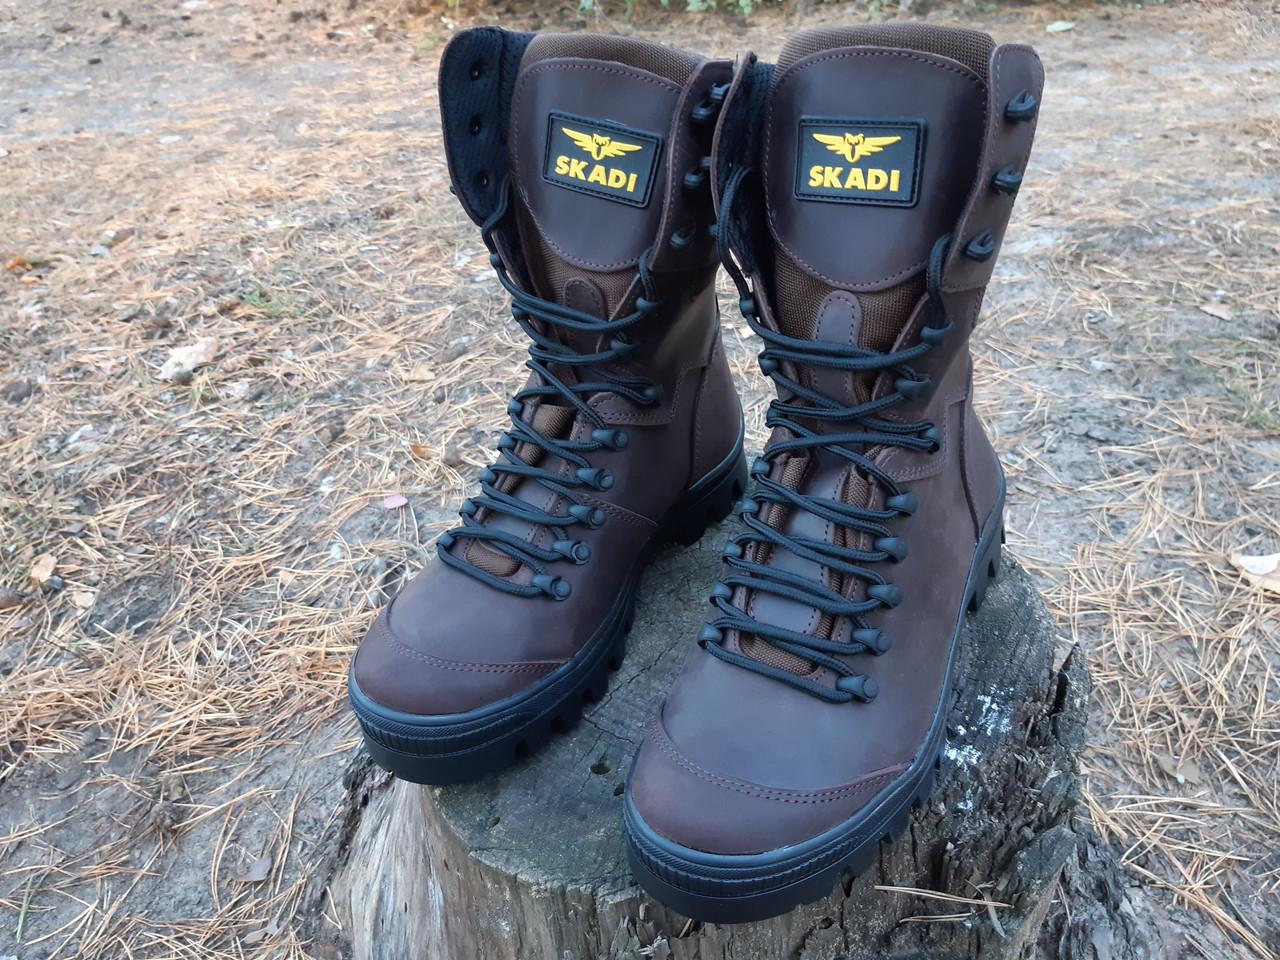 Зимние берцы с усиленным носком коричневые  для любителей  охоты и рыбалки